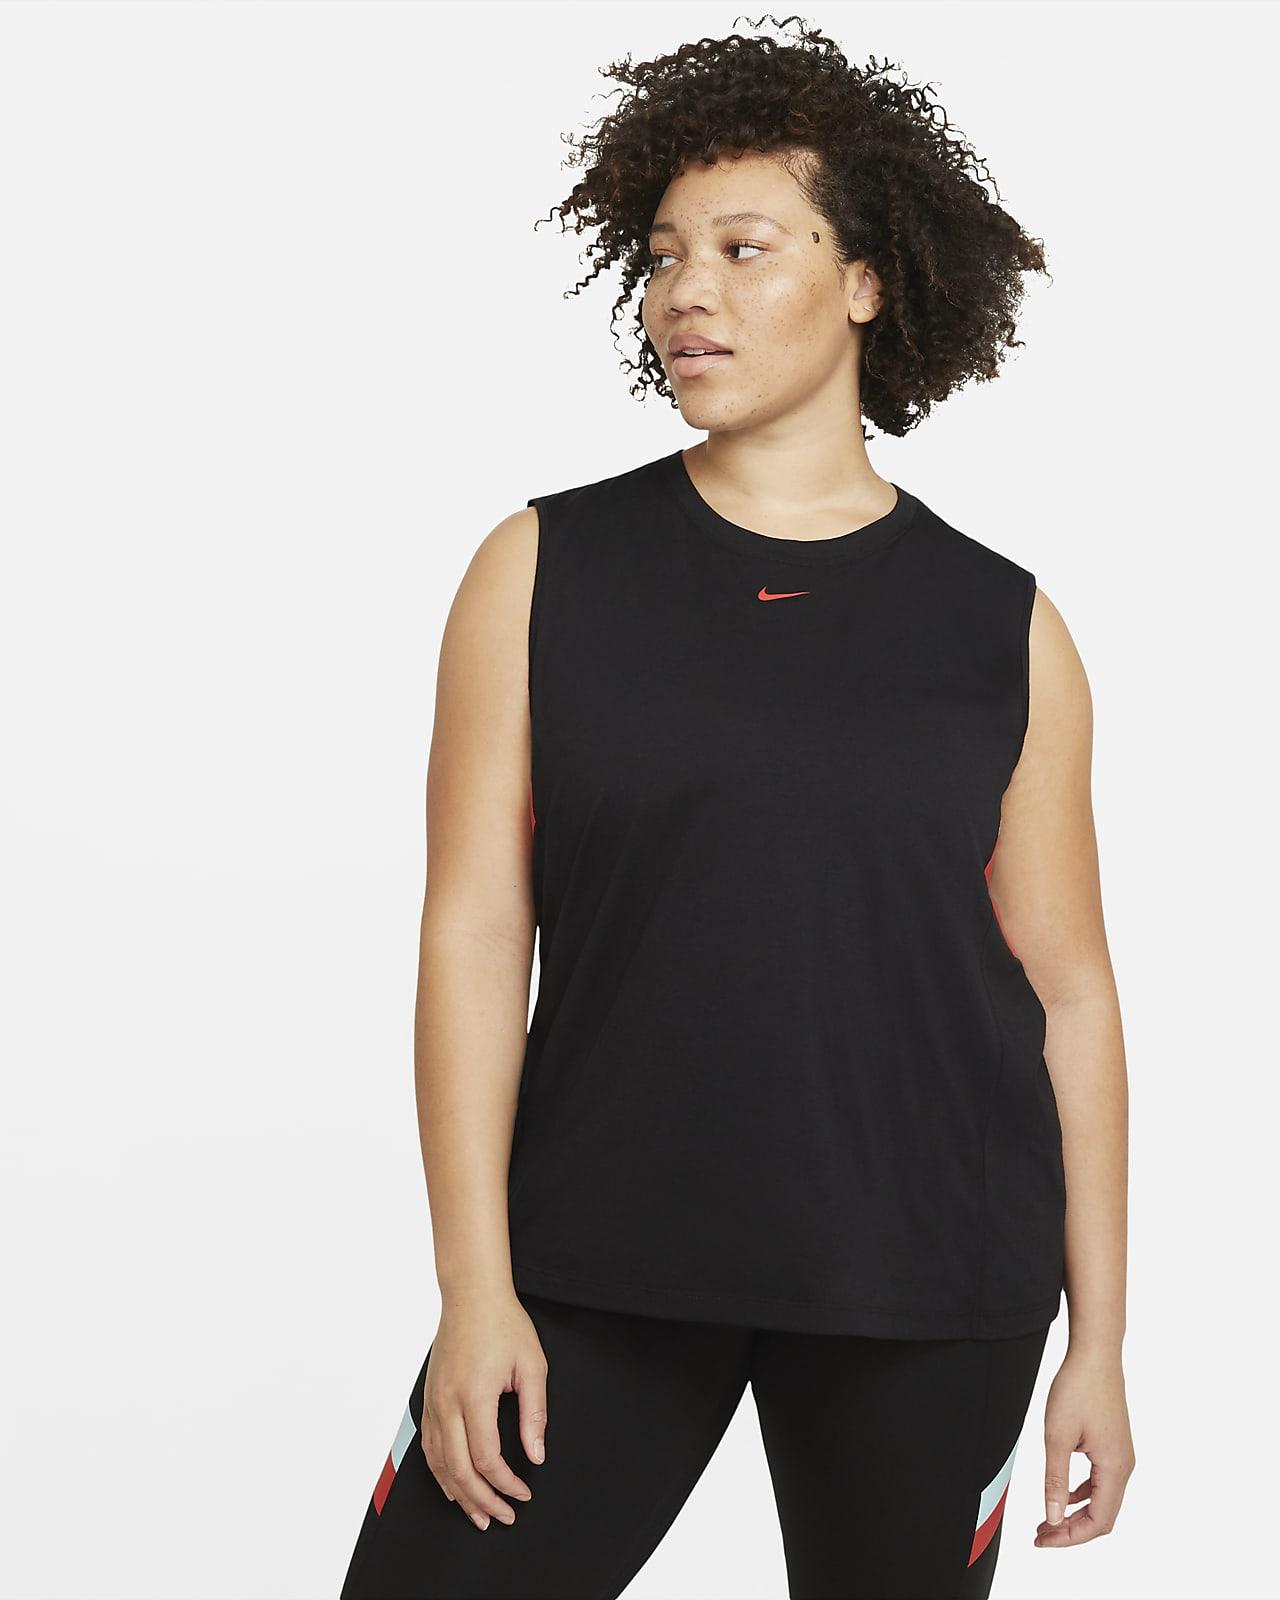 Nike Dri-FIT Renk Bloklu Çizgili Kadın Antrenman Atleti (Büyük Beden)